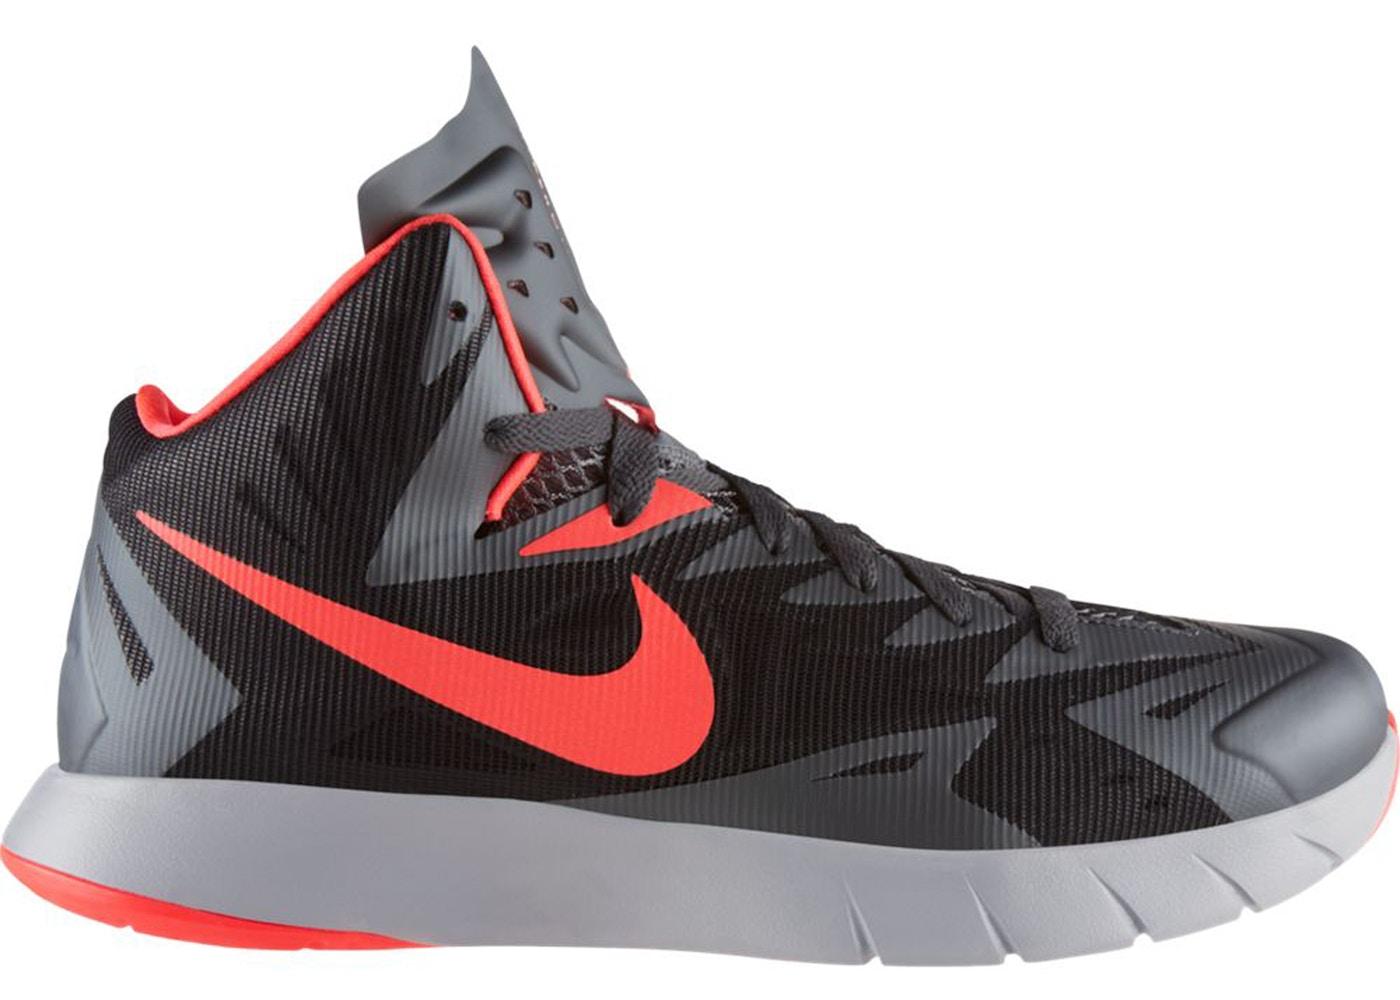 low priced ec9a5 b7a7d Nike Lunar Hyperquickness Black Hyper Punch - 652777-060